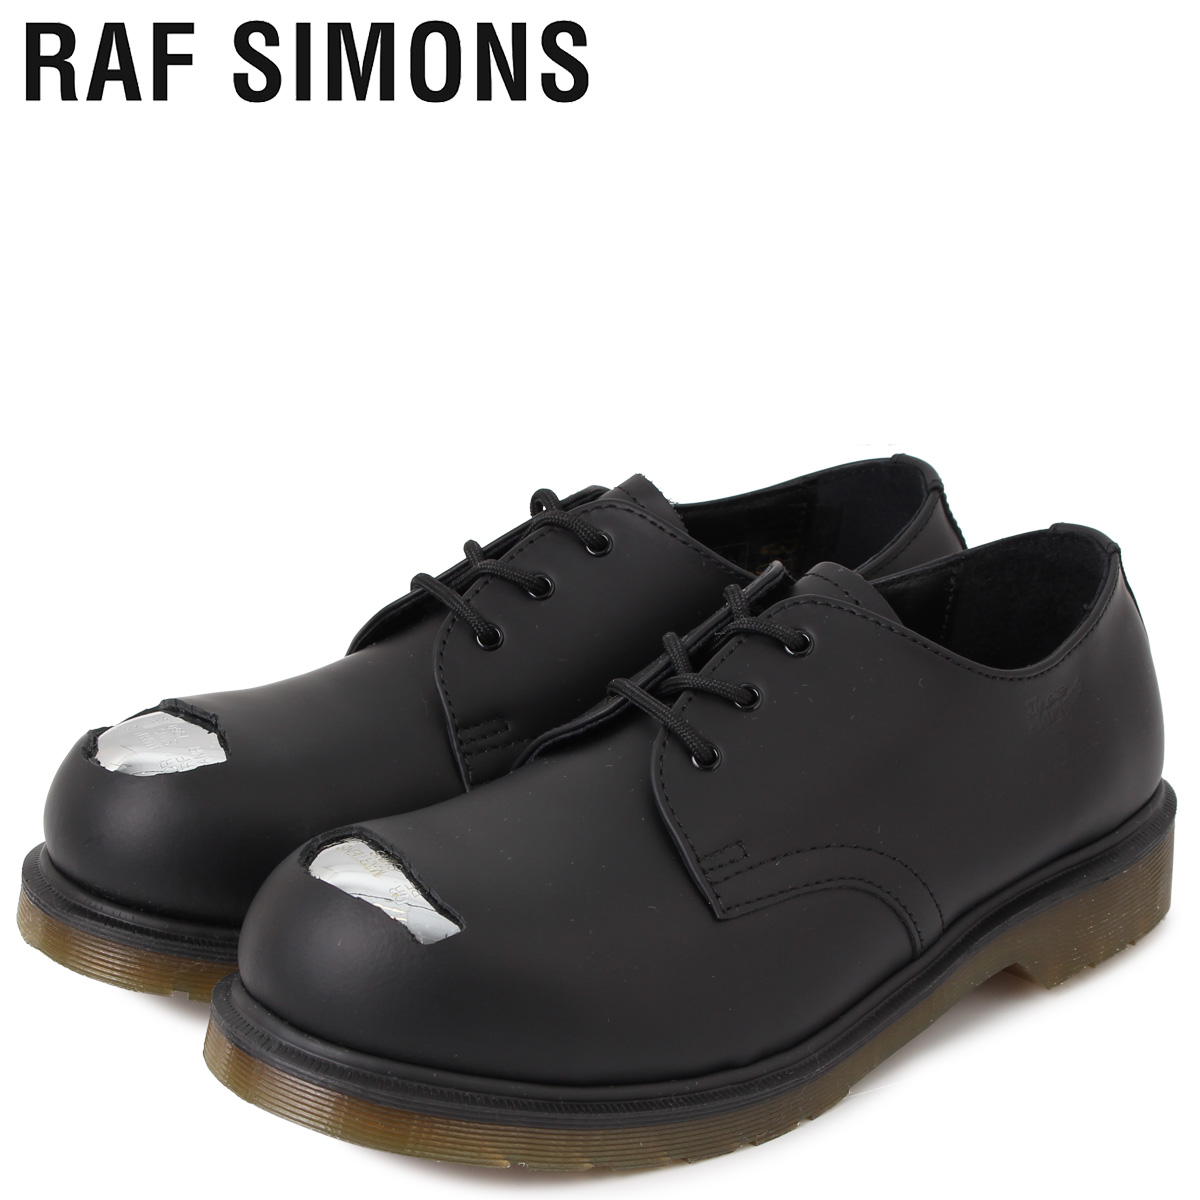 ドクターマーチン Dr.Martens ラフシモンズ RAF SIMONS 3ホール シューズ メンズ コラボ CUT OUT STEEL TOES SHOE ブラック 黒 192-936D